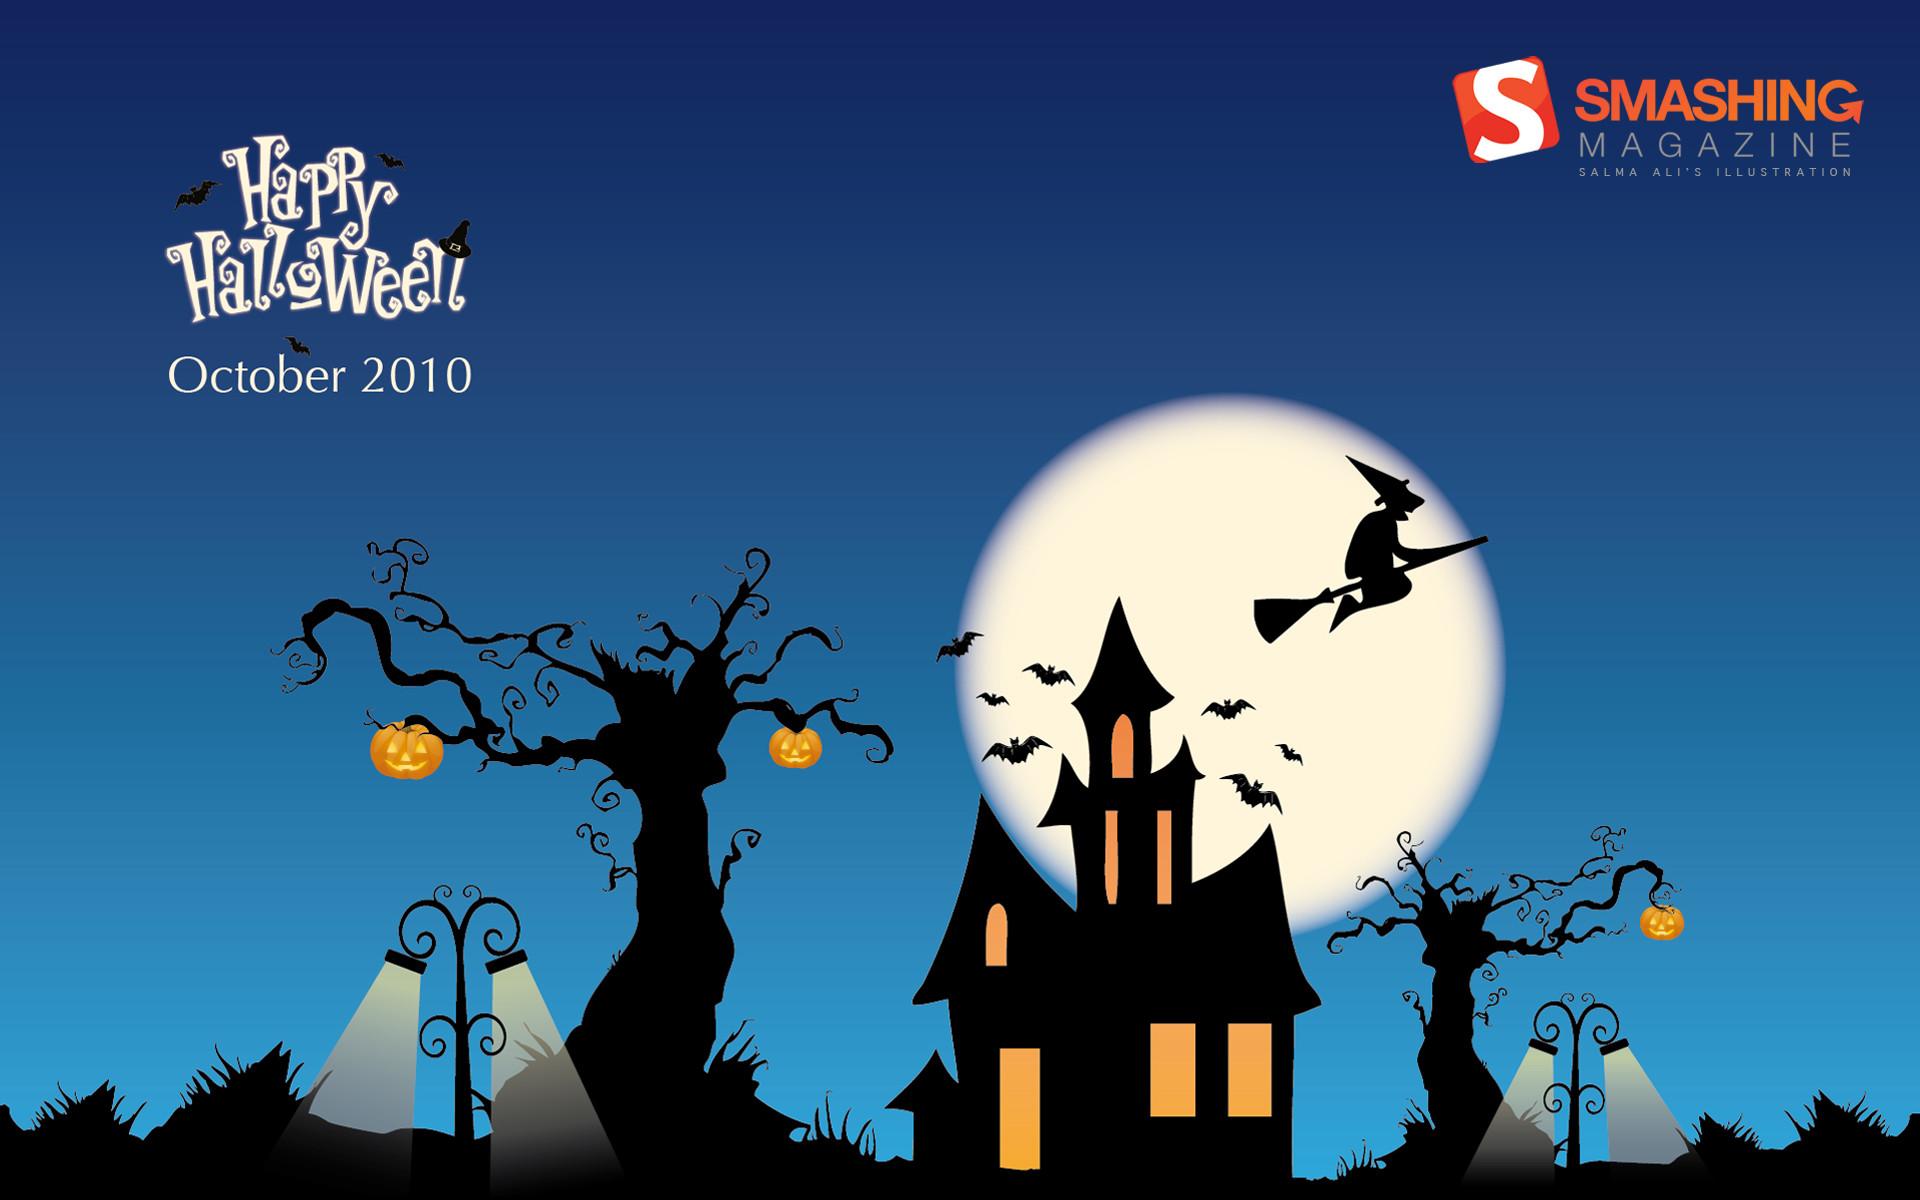 happy halloween desktop wallpaper (71+ images)